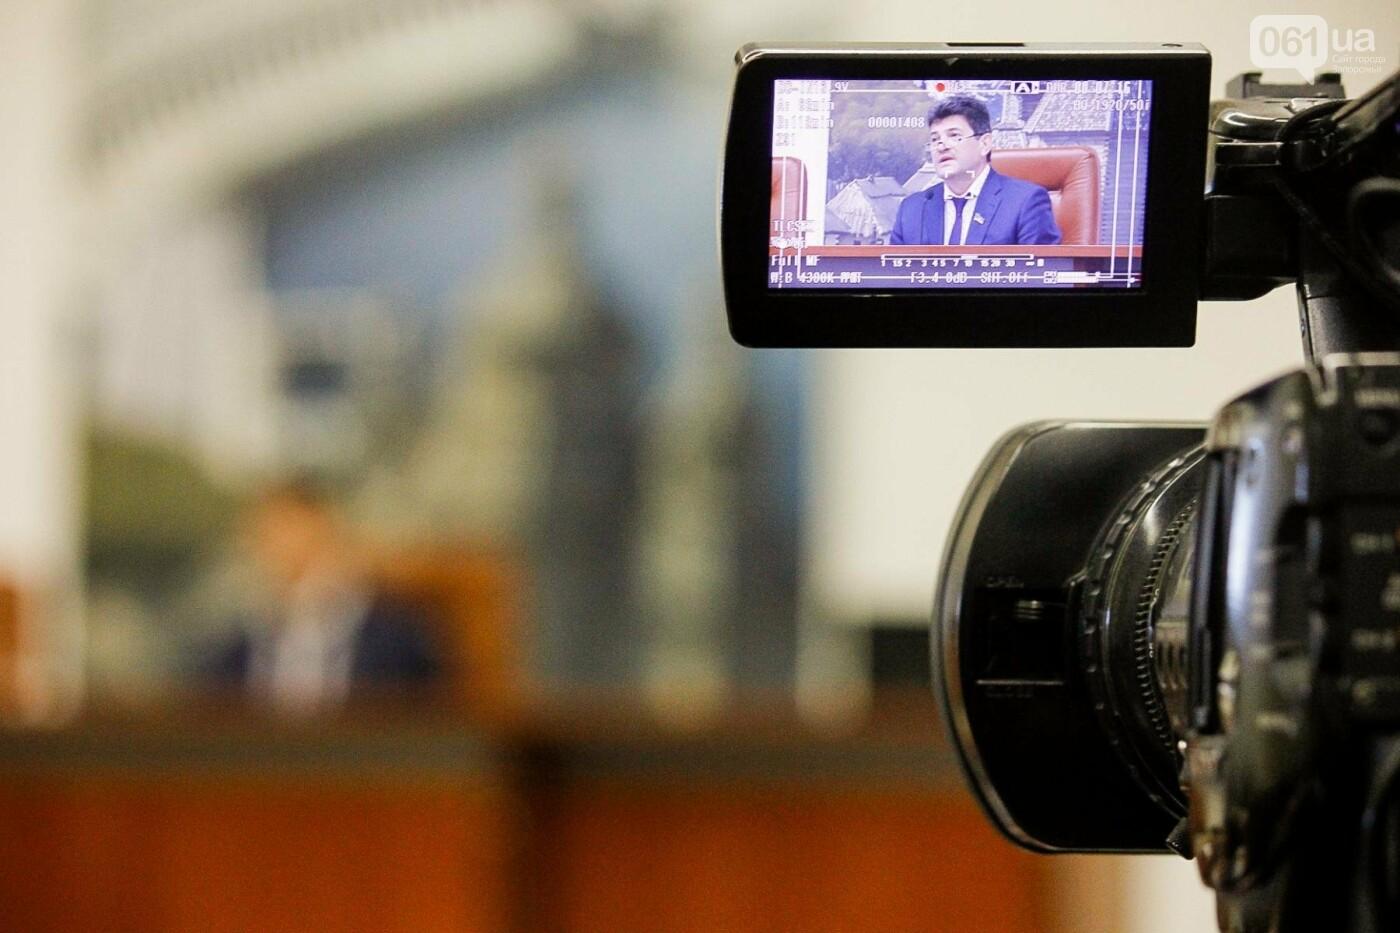 Сессия запорожского горсовета в 55 фотографиях, - ФОТОРЕПОРТАЖ, фото-24